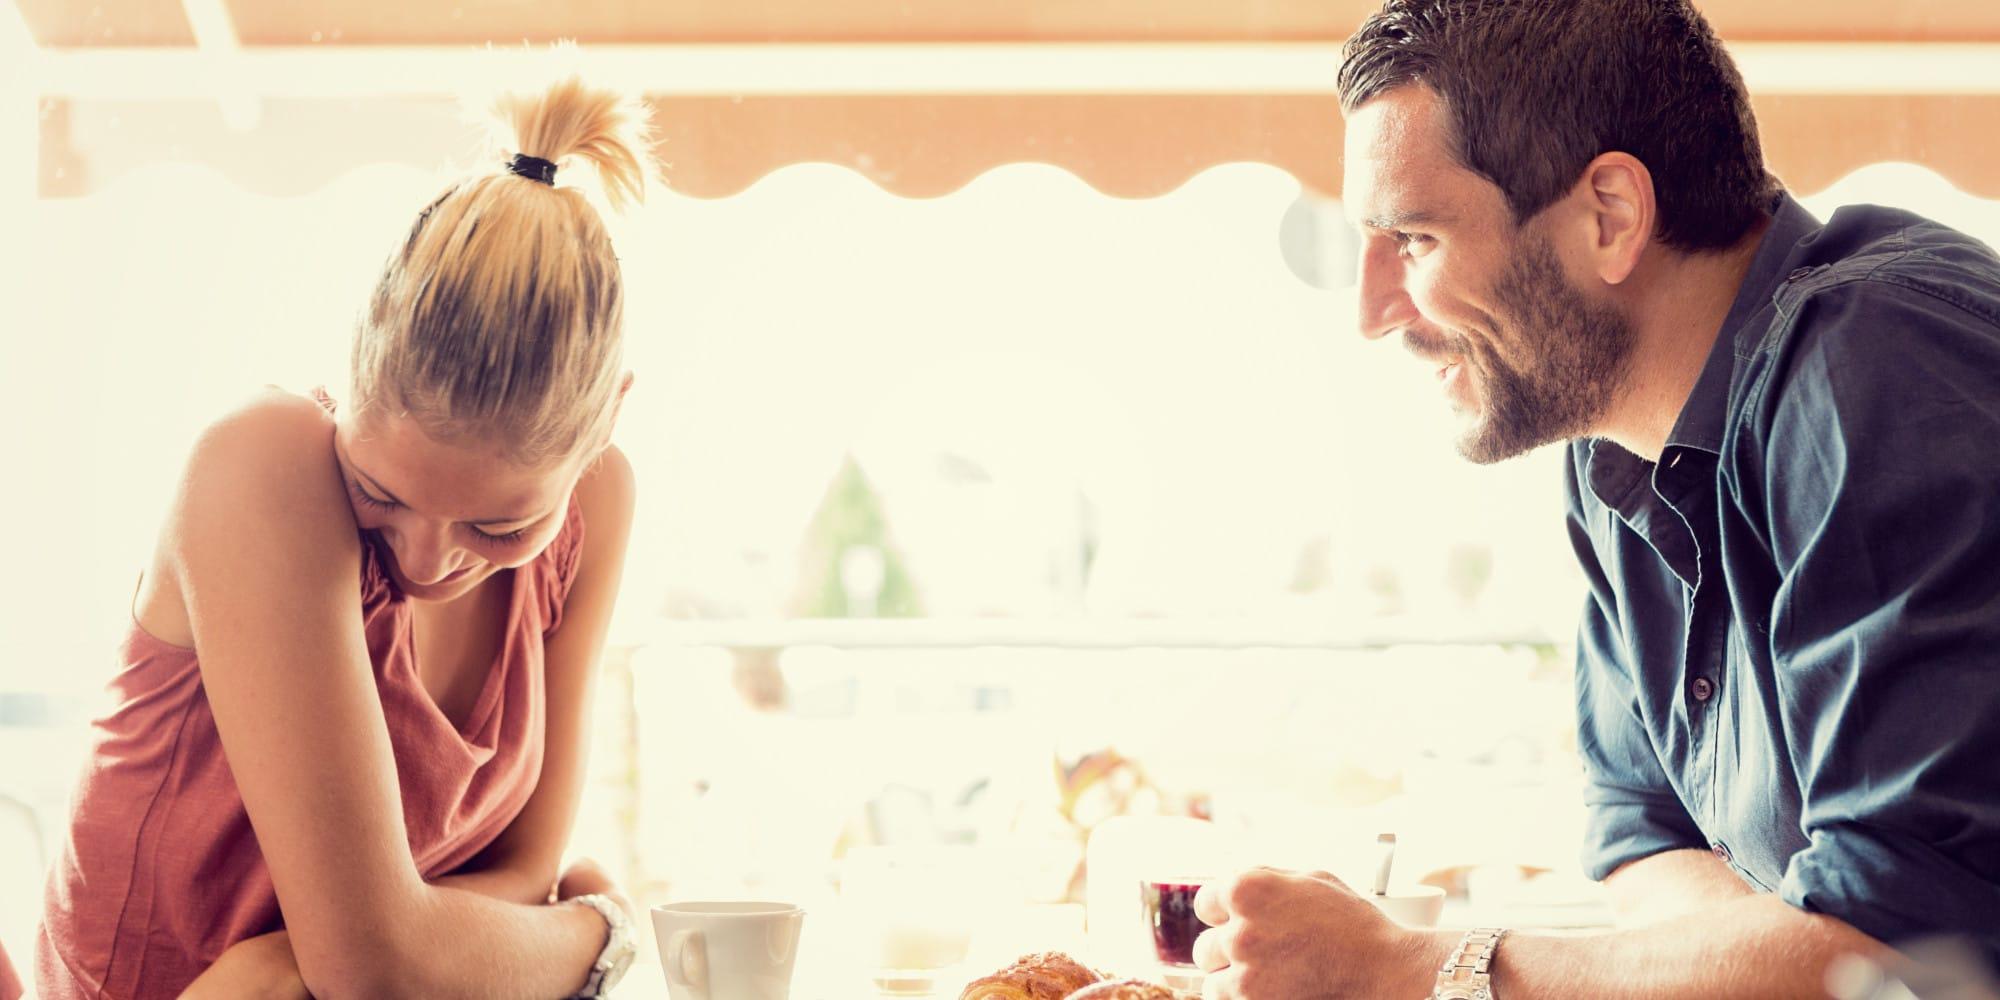 WOMAN-MAN-TALKING-ON-A-DATE